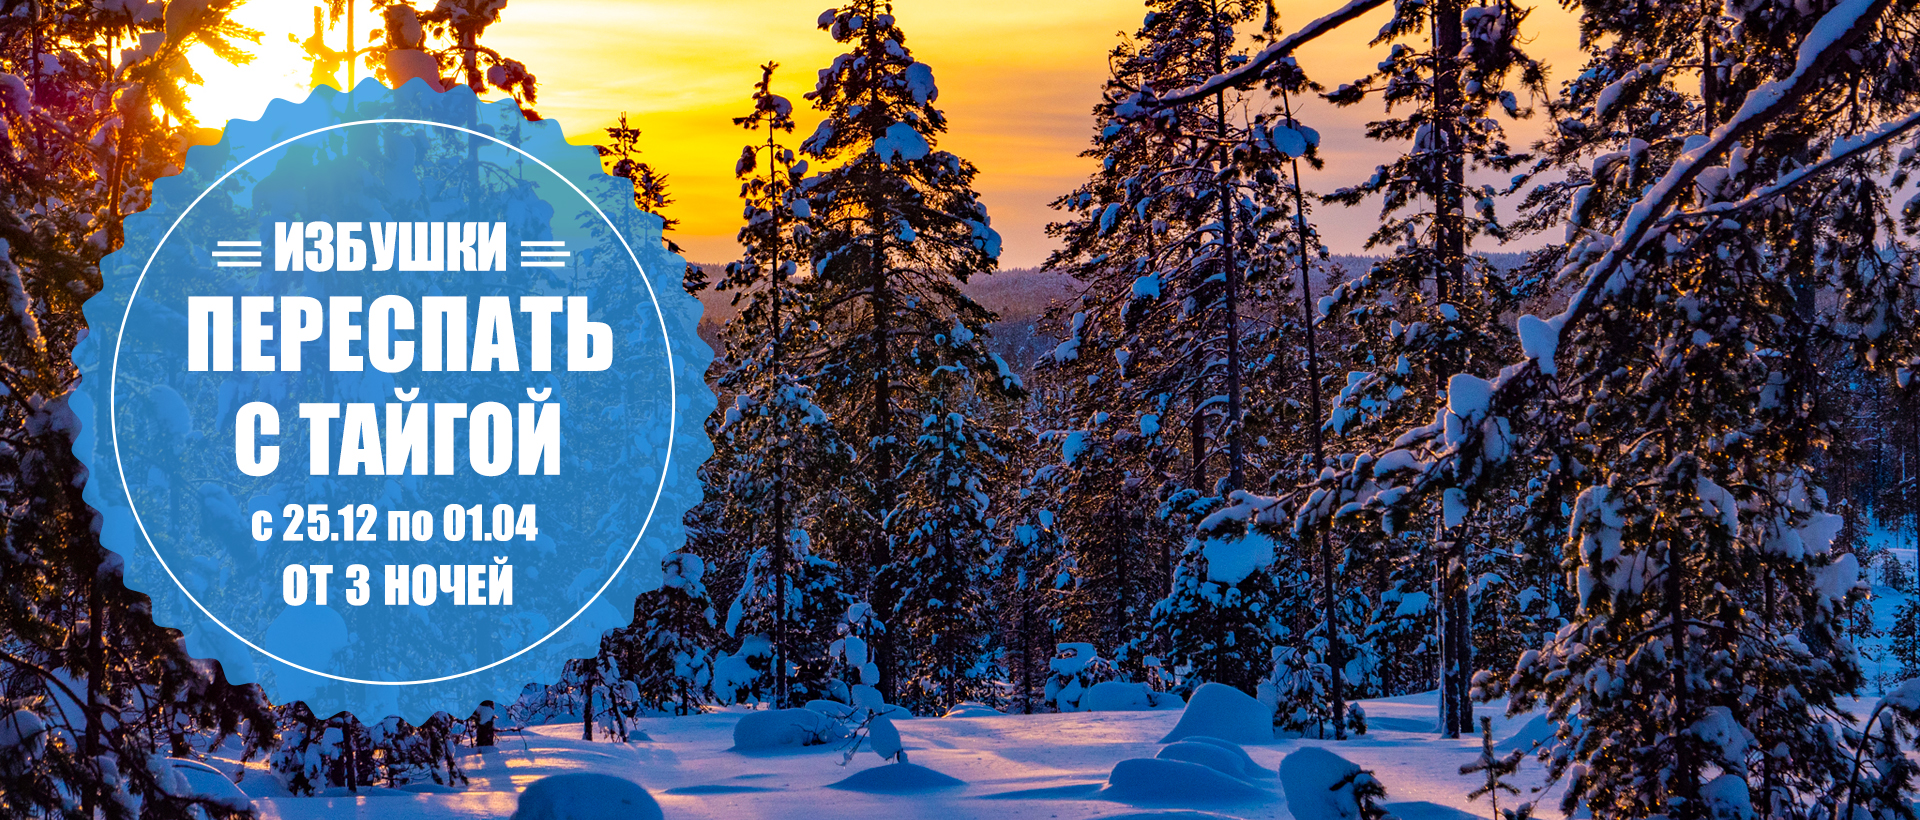 Отдых зимой в северной Карелии в избушке